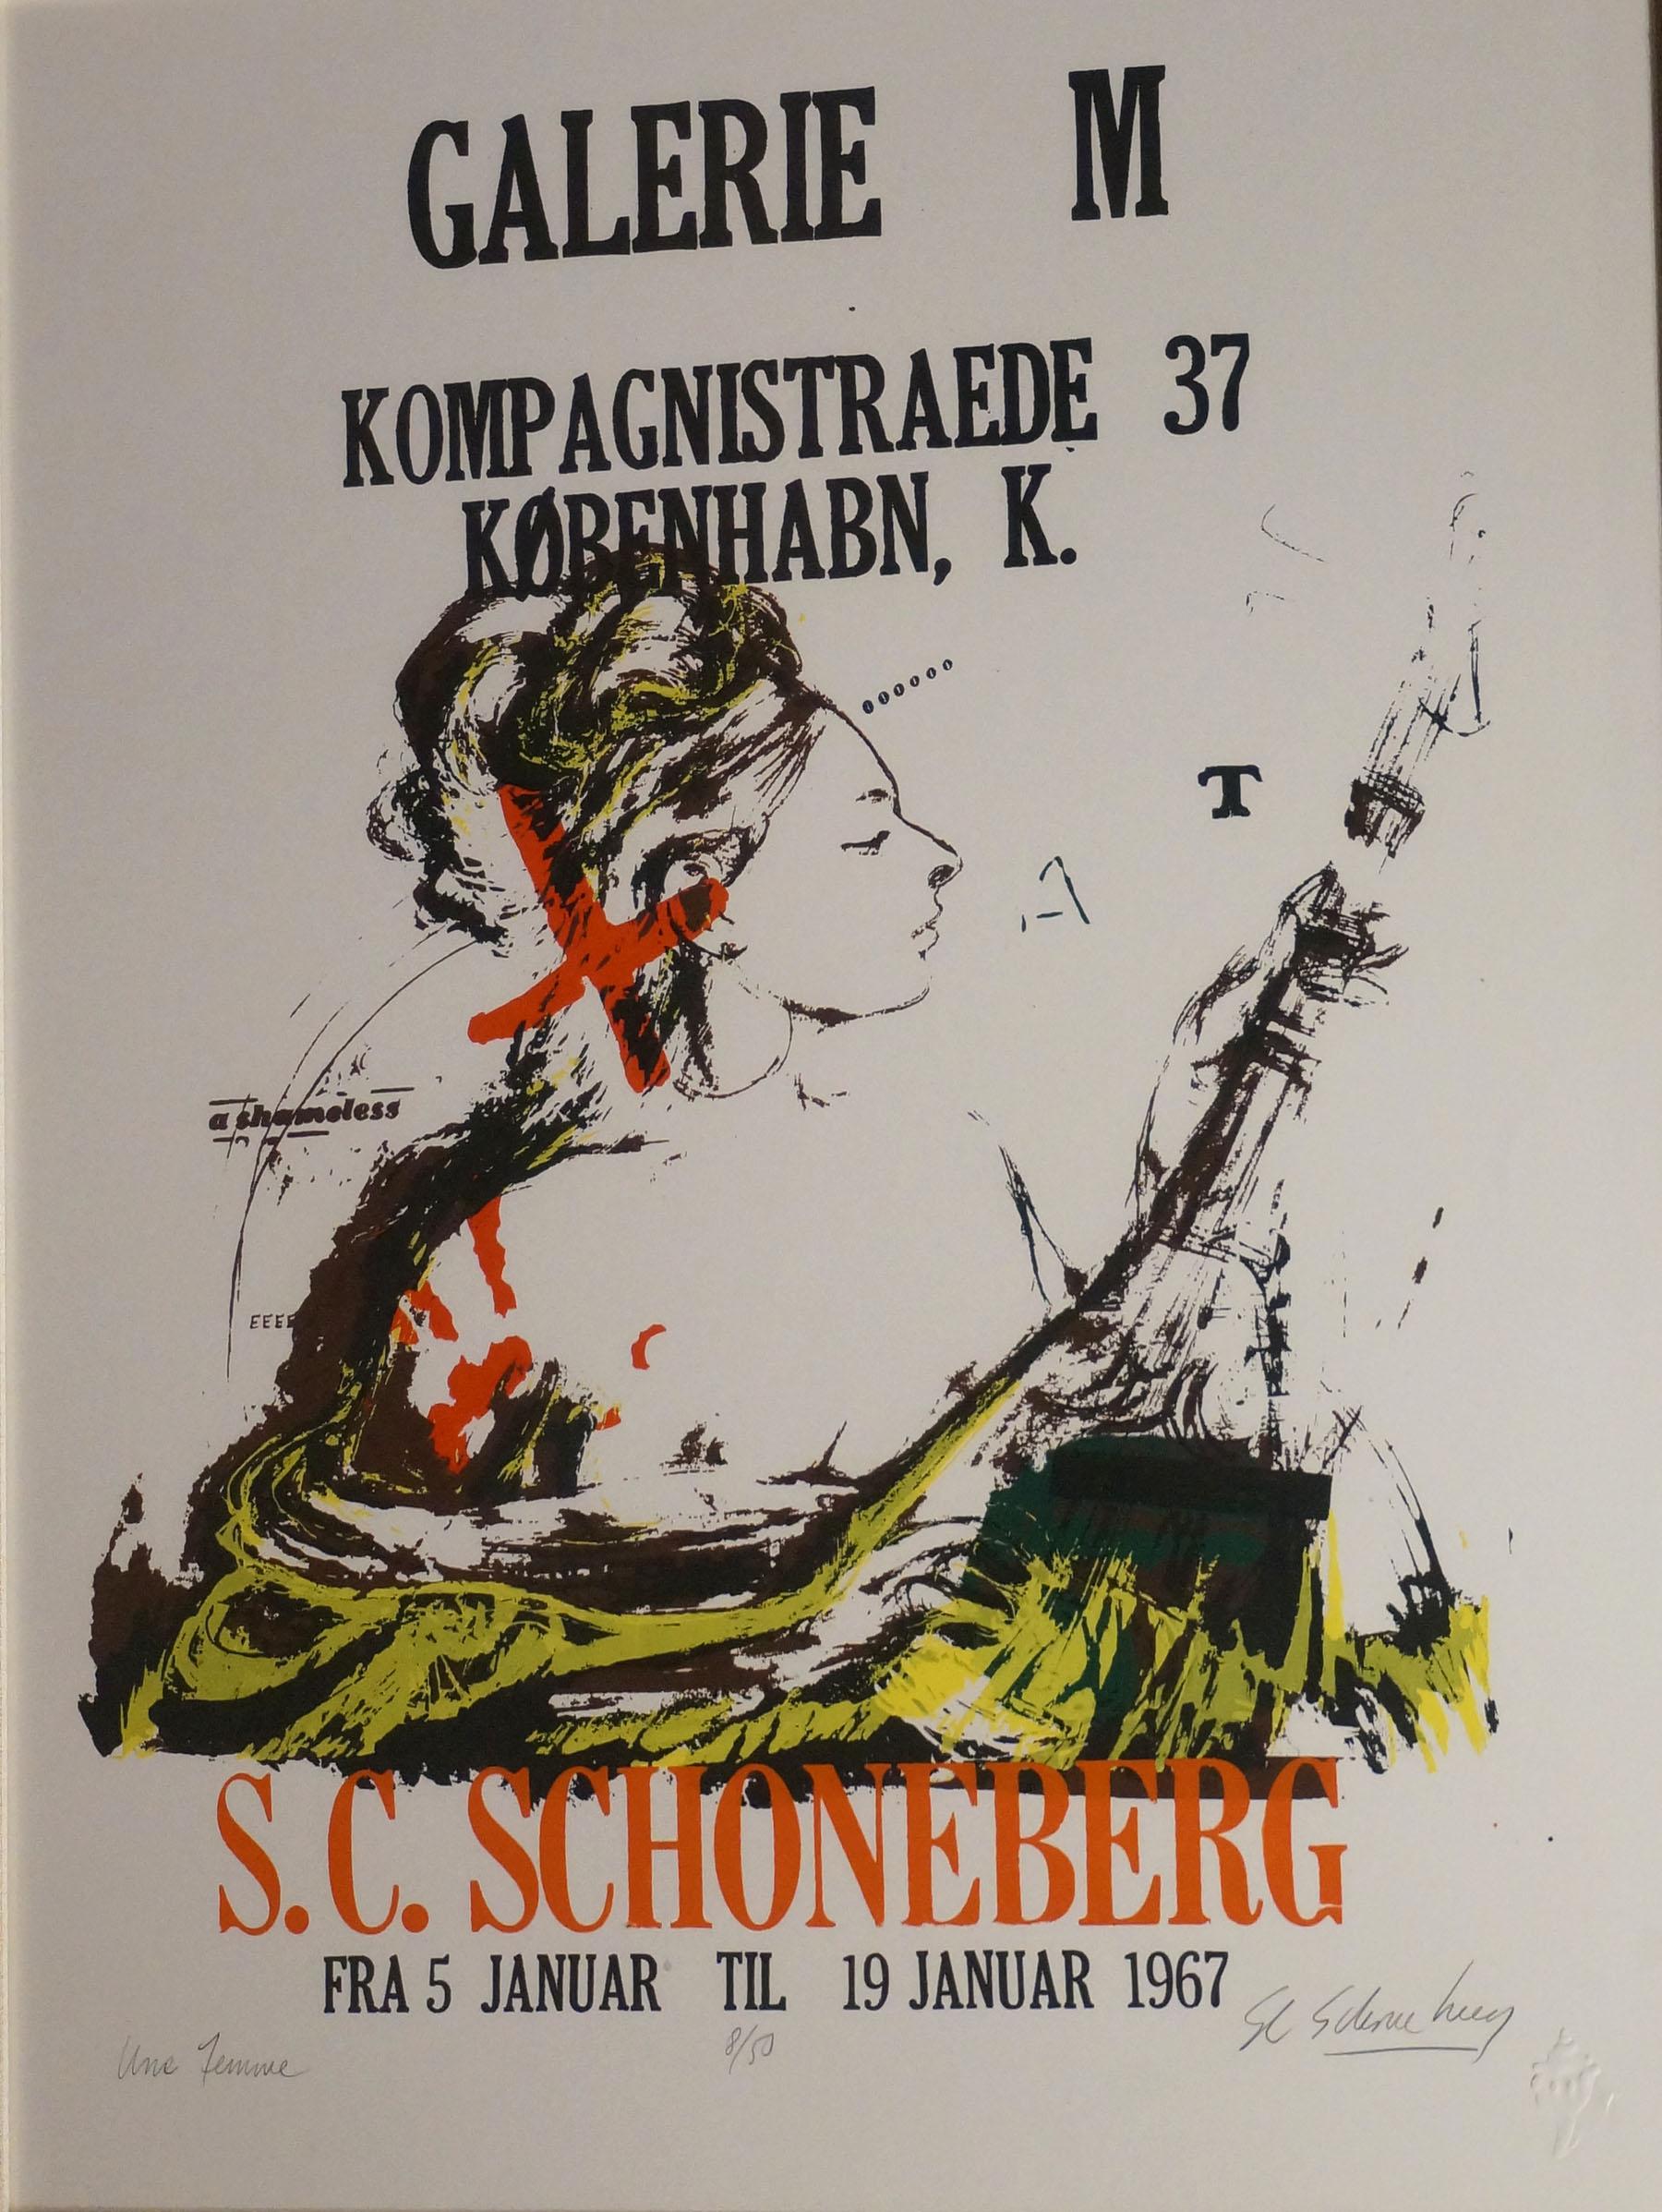 689-schoneberggaleriem